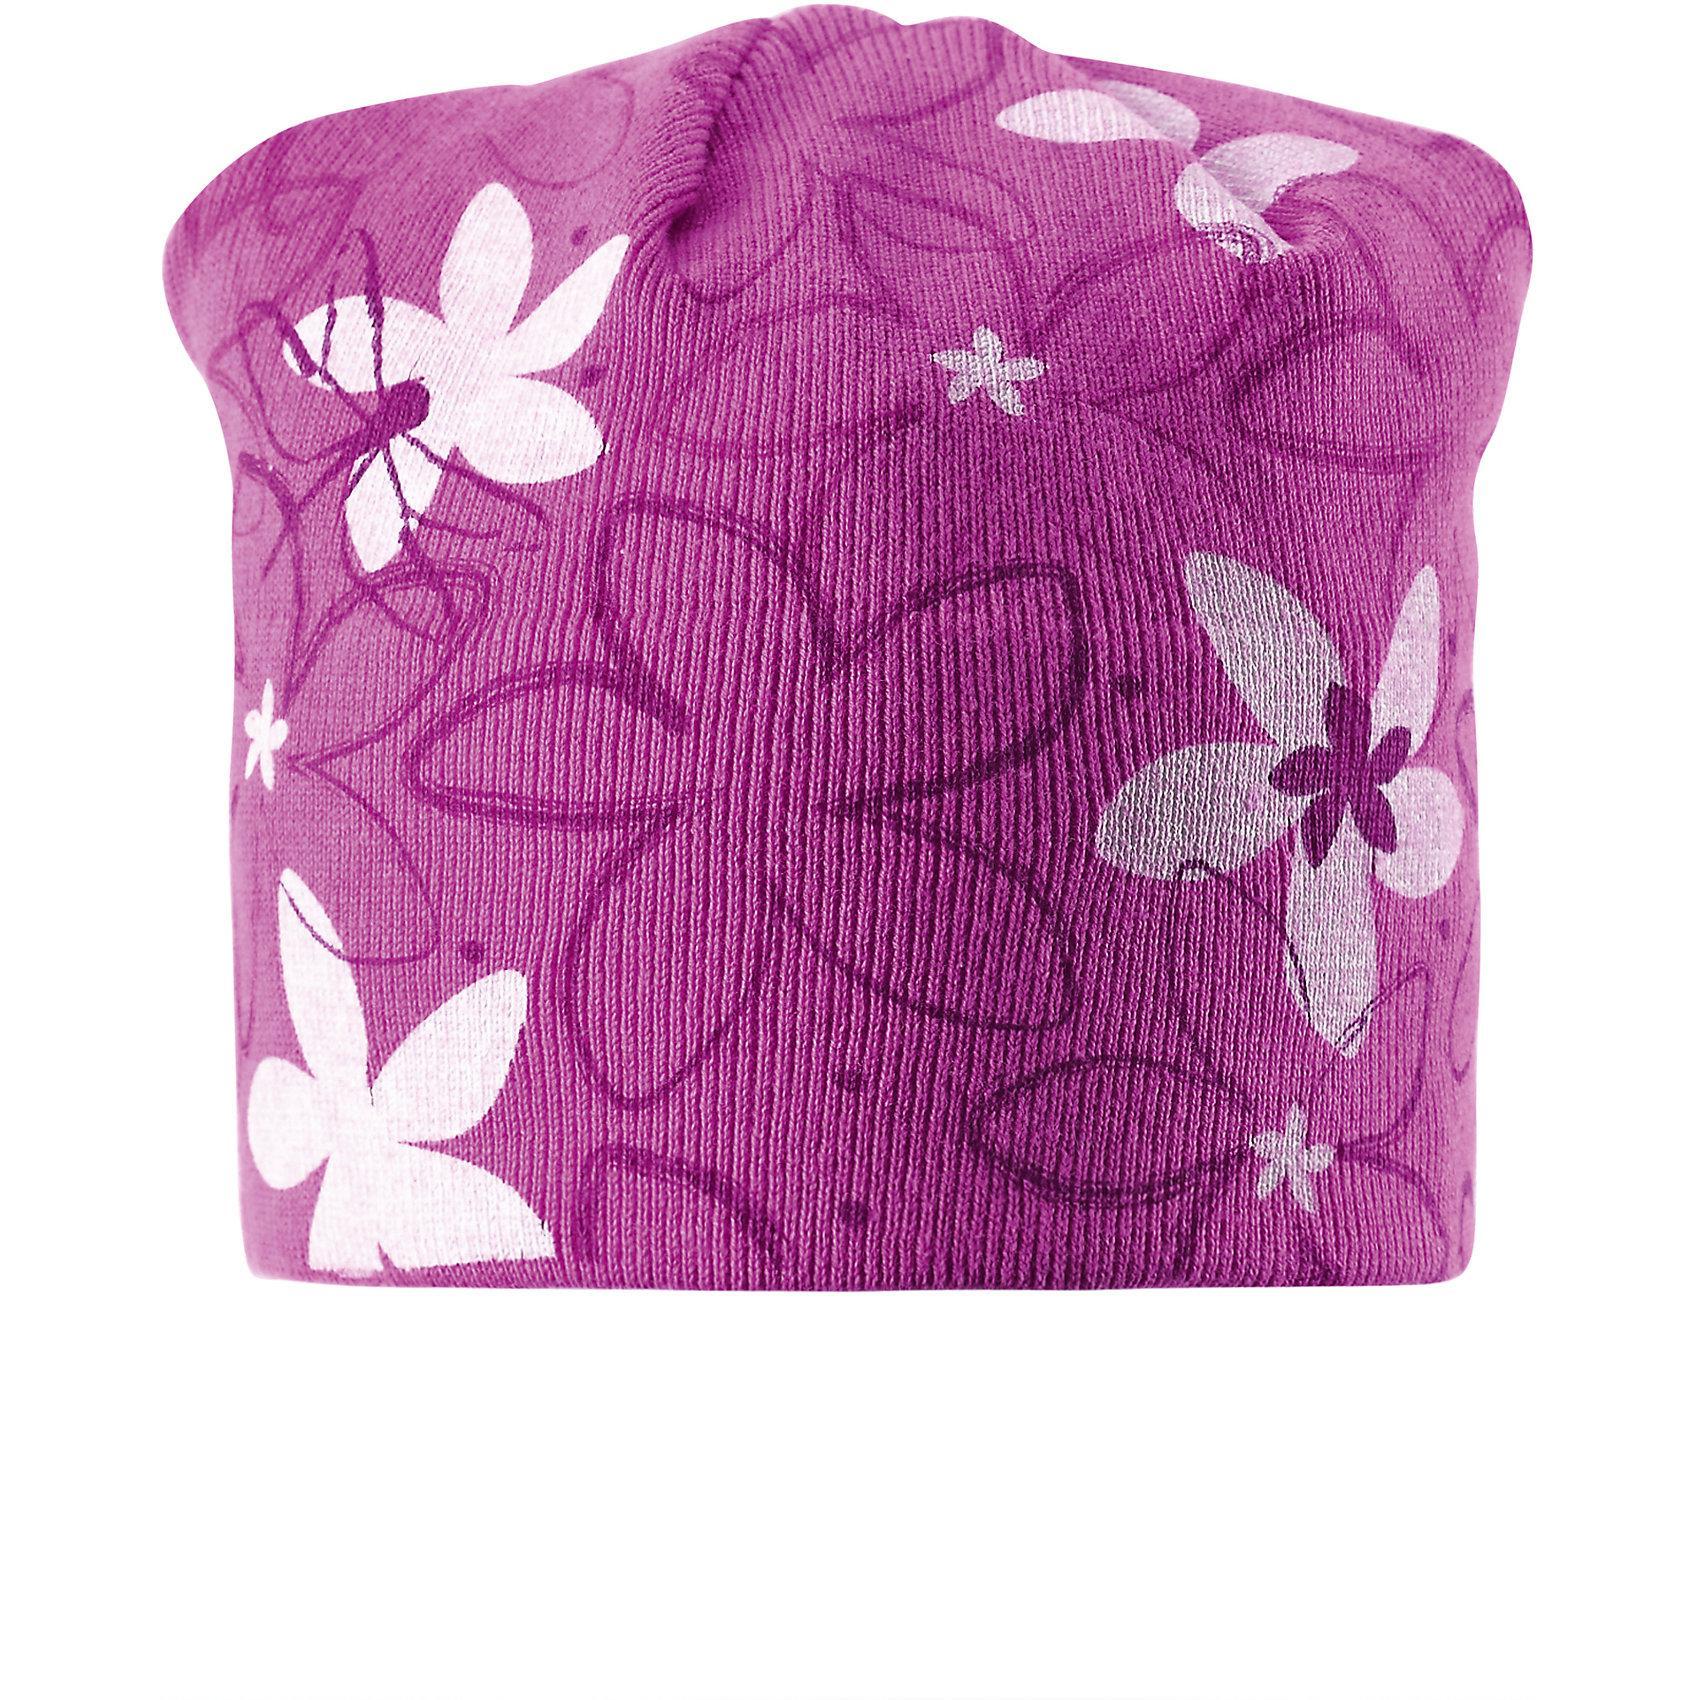 Шапка для девочки ReimaНа создание этой хорошенькой детской шапочки нас вдохновляли мечты о весенних цветах и порхающих стрекозах. Она изготовлена из мягкого и дышащего вязаного хлопчатобумажного материала, очень приятного на ощупь. Ветронепроницаемые вставки в области ушей обеспечивают ушкам дополнительную защиту. Идеальный выбор для увлекательных прогулок!<br><br>Дополнительная информация:<br><br>Шапка «Бини» для детей<br>Эластичная хлопчатобумажная ткань<br>Ветронепроницаемые вставки в области ушей<br>Частичная подкладка: хлопчатобумажная ткань<br>Логотип Reima® сзади<br>Милая отделка<br>Состав:<br>100% хлопок<br>Уход:<br>Стирать по отдельности, вывернув наизнанку. Придать первоначальную форму вo влажном виде. Возможна усадка 5 %.<br><br>Ширина мм: 89<br>Глубина мм: 117<br>Высота мм: 44<br>Вес г: 155<br>Цвет: розовый<br>Возраст от месяцев: 36<br>Возраст до месяцев: 48<br>Пол: Женский<br>Возраст: Детский<br>Размер: 50,56,54,52<br>SKU: 4498188